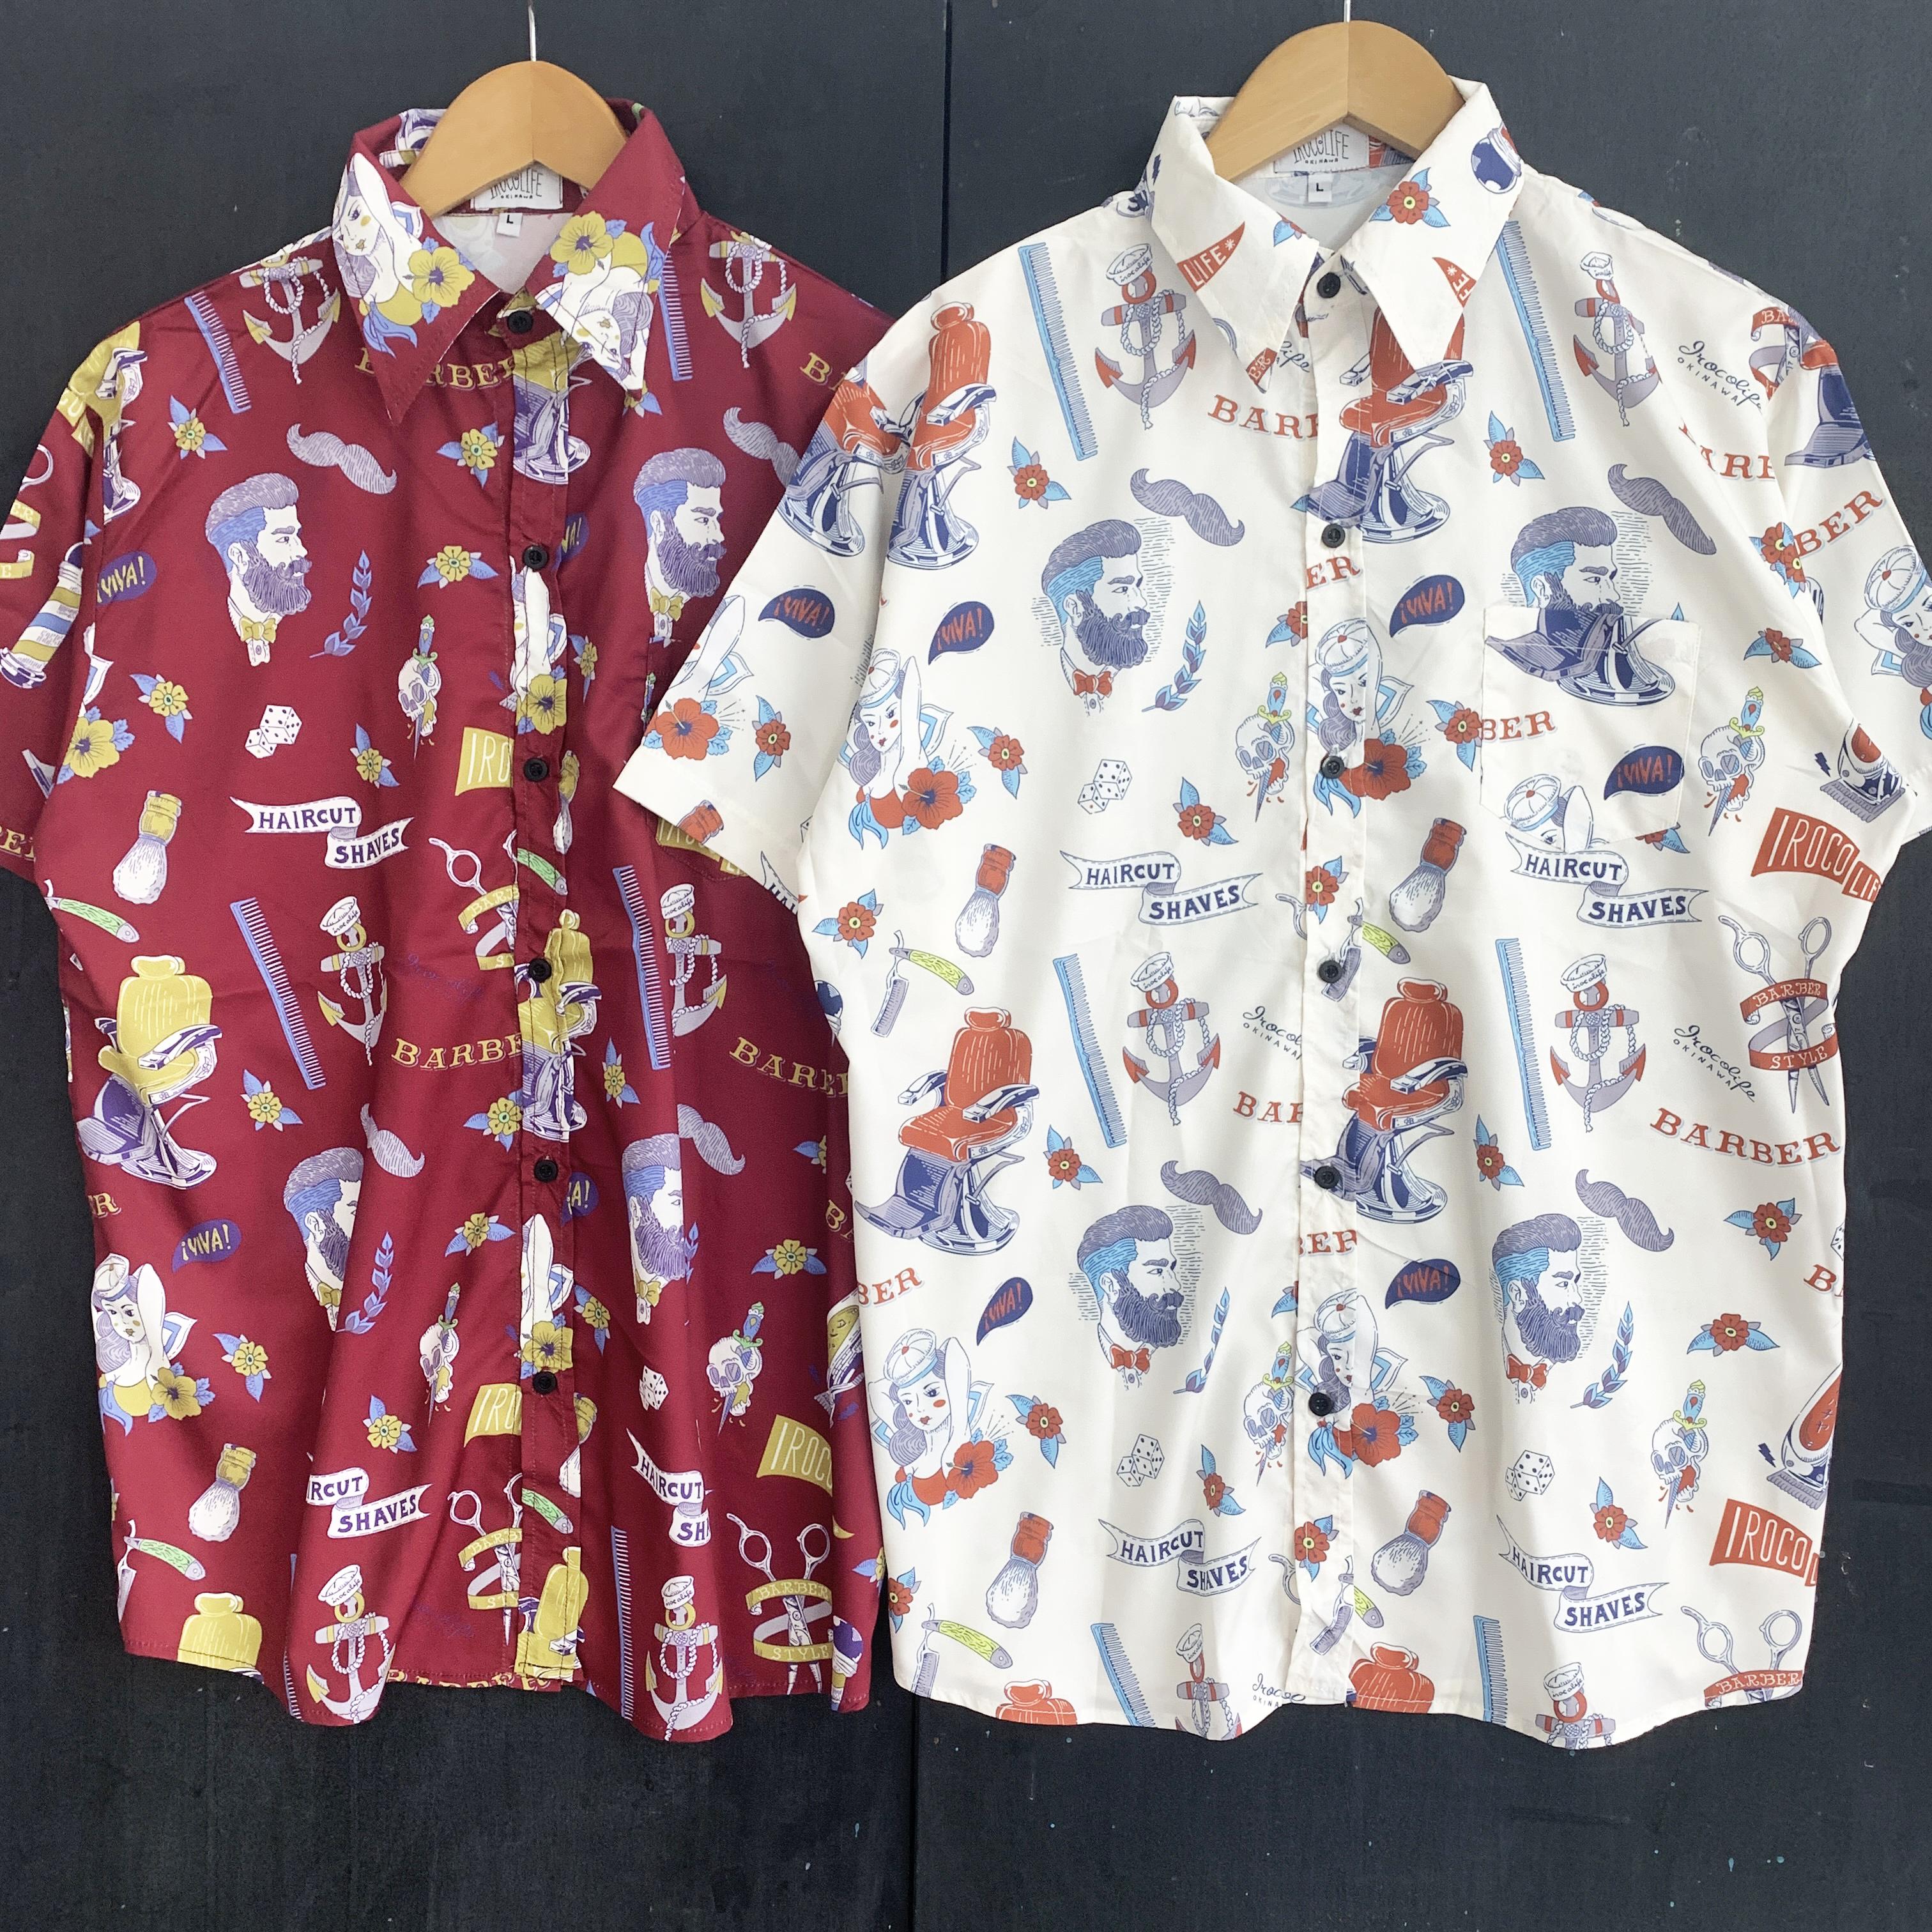 すべてのBARBER好きな人へ贈るシャツ